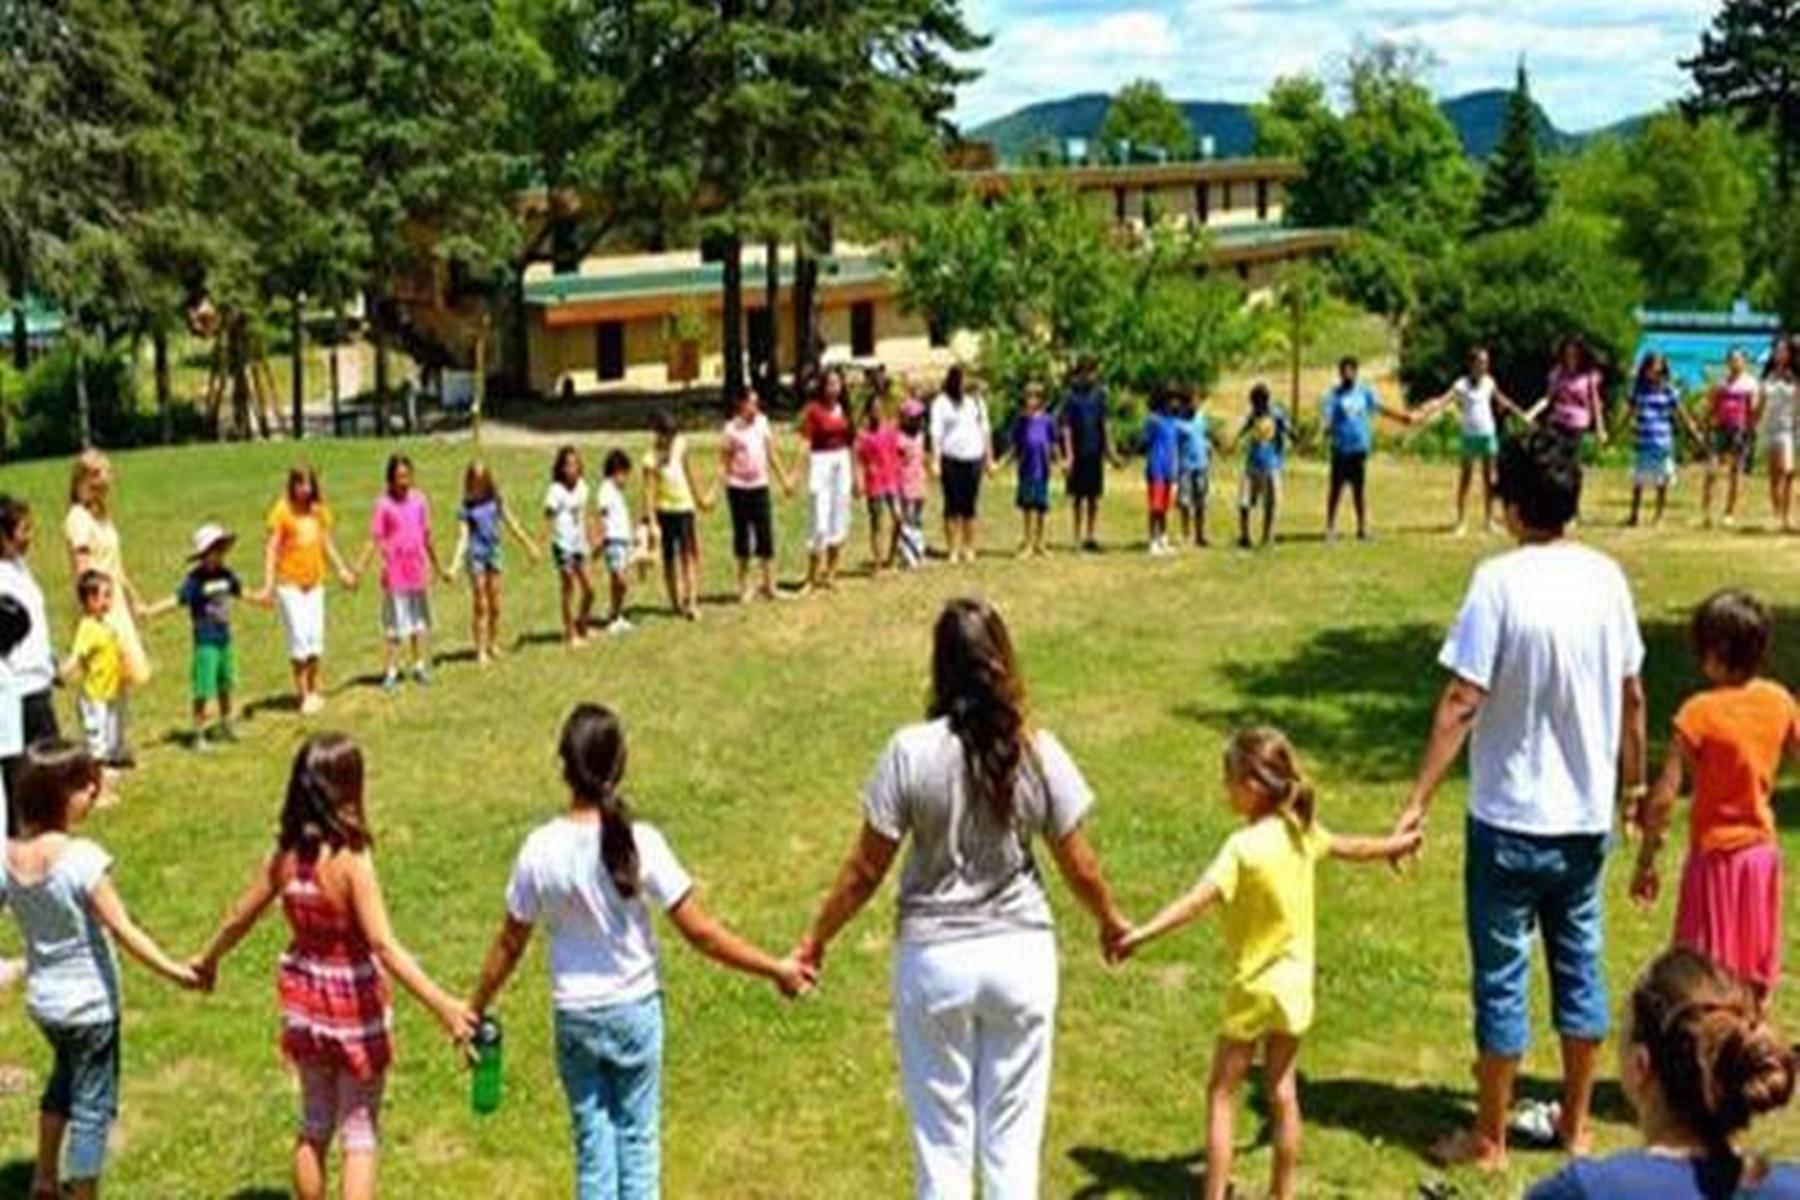 ΟΠΕΚΑ : Κάνει έναρξη του παιδικού κατασκηνωτικού προγράμματος